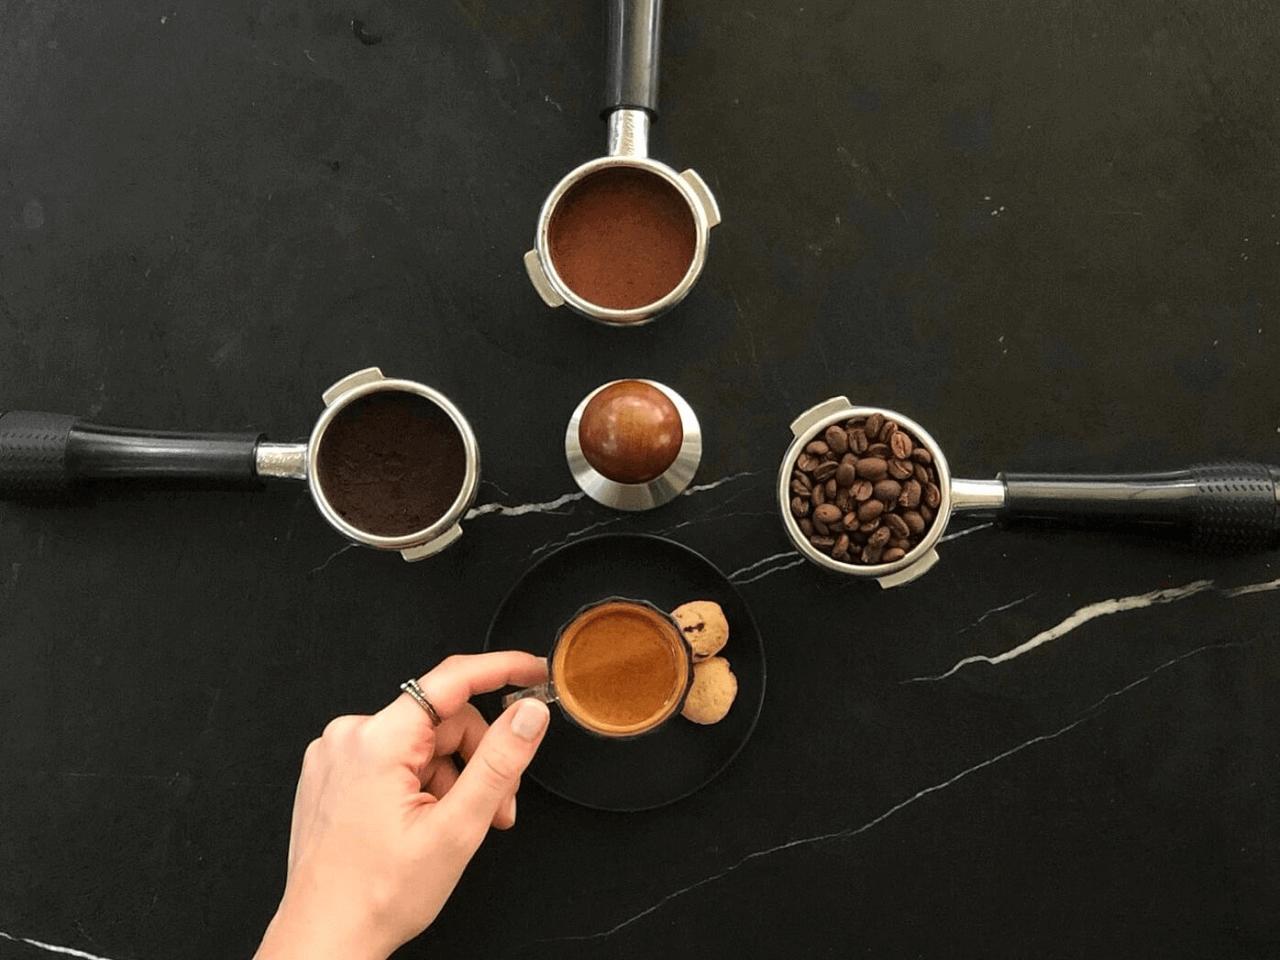 Vietnam'ın Kısıtlamaları Global Kahve Piyasasını Derinden Etkiliyor